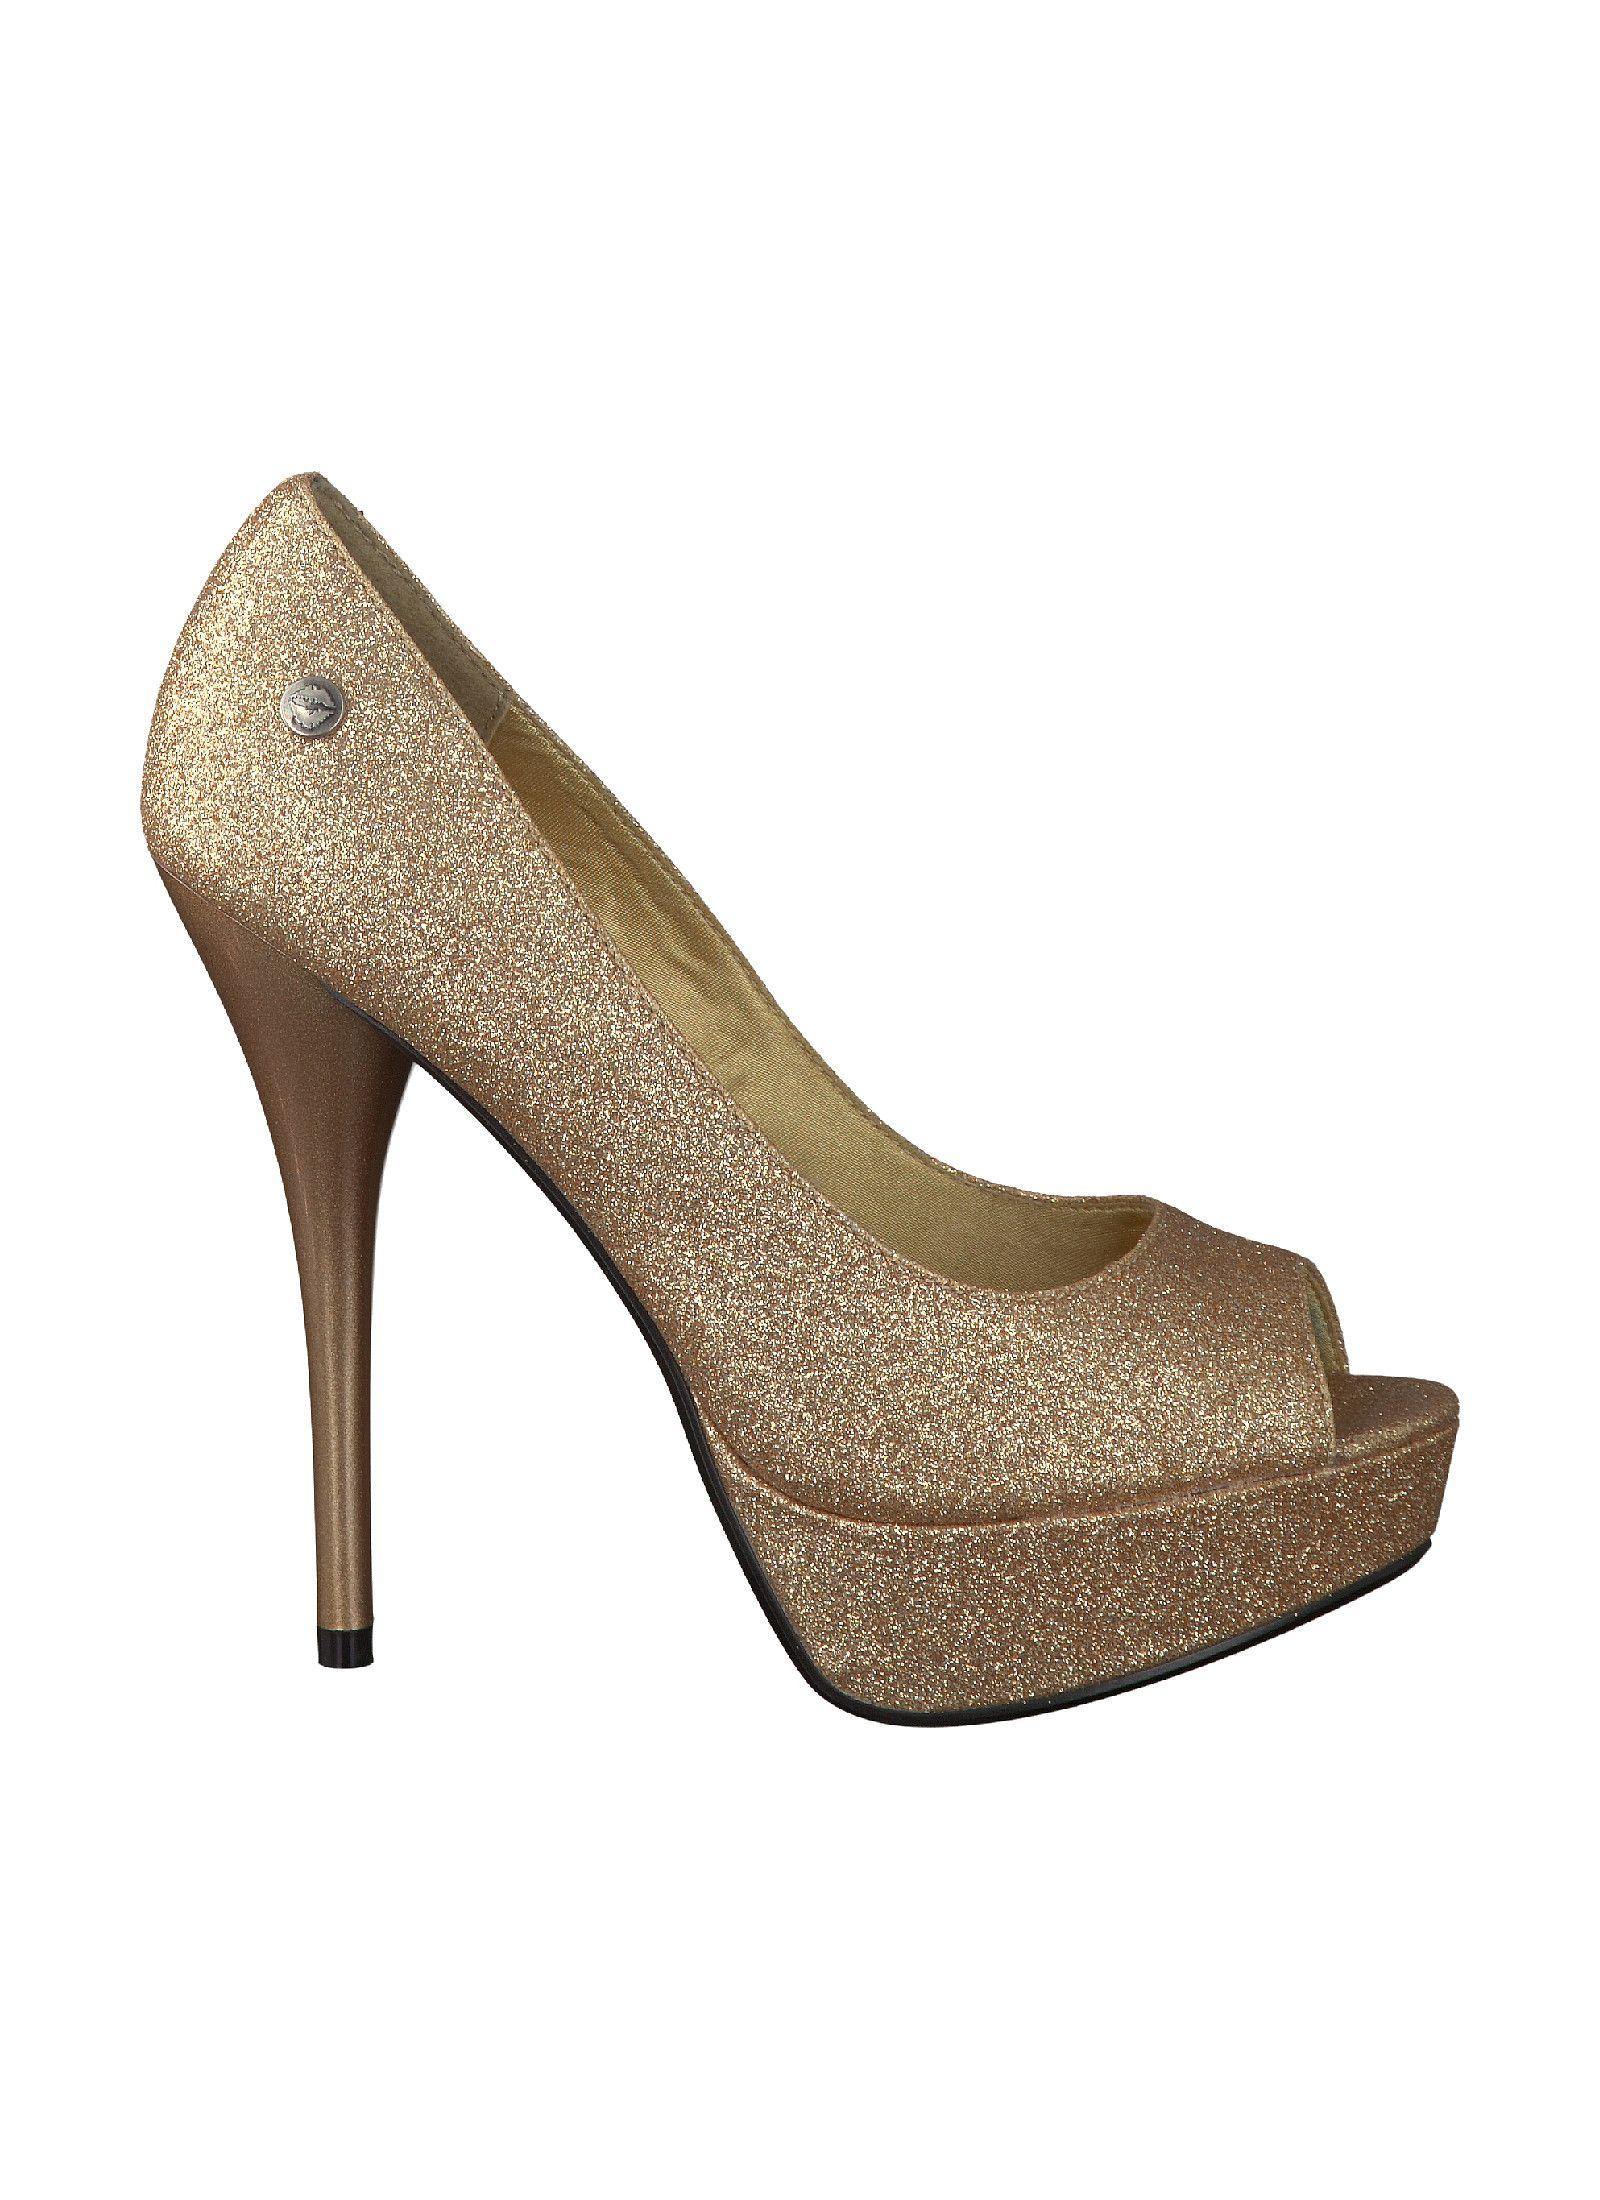 Reno Melrose Pumps Gold Pumps Damen Schuhe Reno Online Shop Fur Marken Schuhe Schuhe Damen Goldene Pumps Marken Schuhe